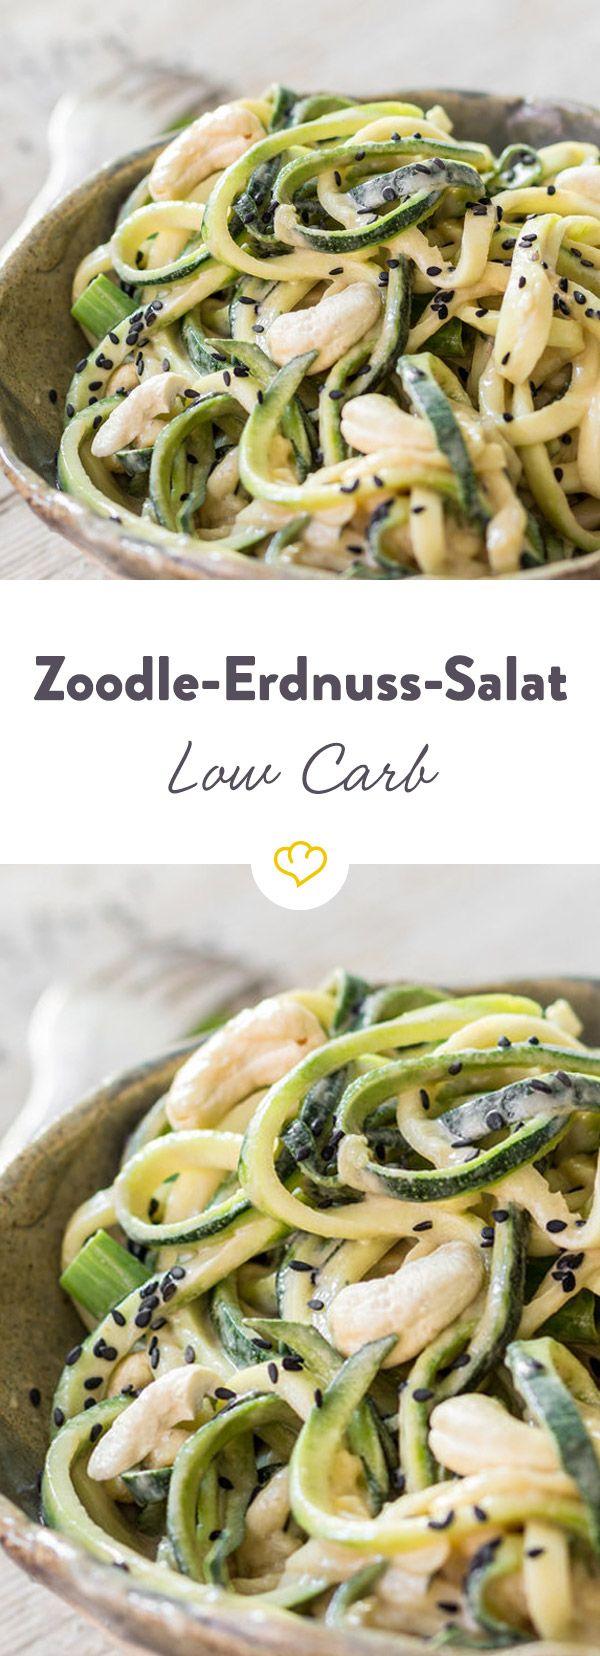 Kennst du Zoodles? Diese knackig-grünen Zucchinispaghetti? Hier als leichter Salat und mit einem herrlich cremigen Erdnussdressing. #zucchininoodles